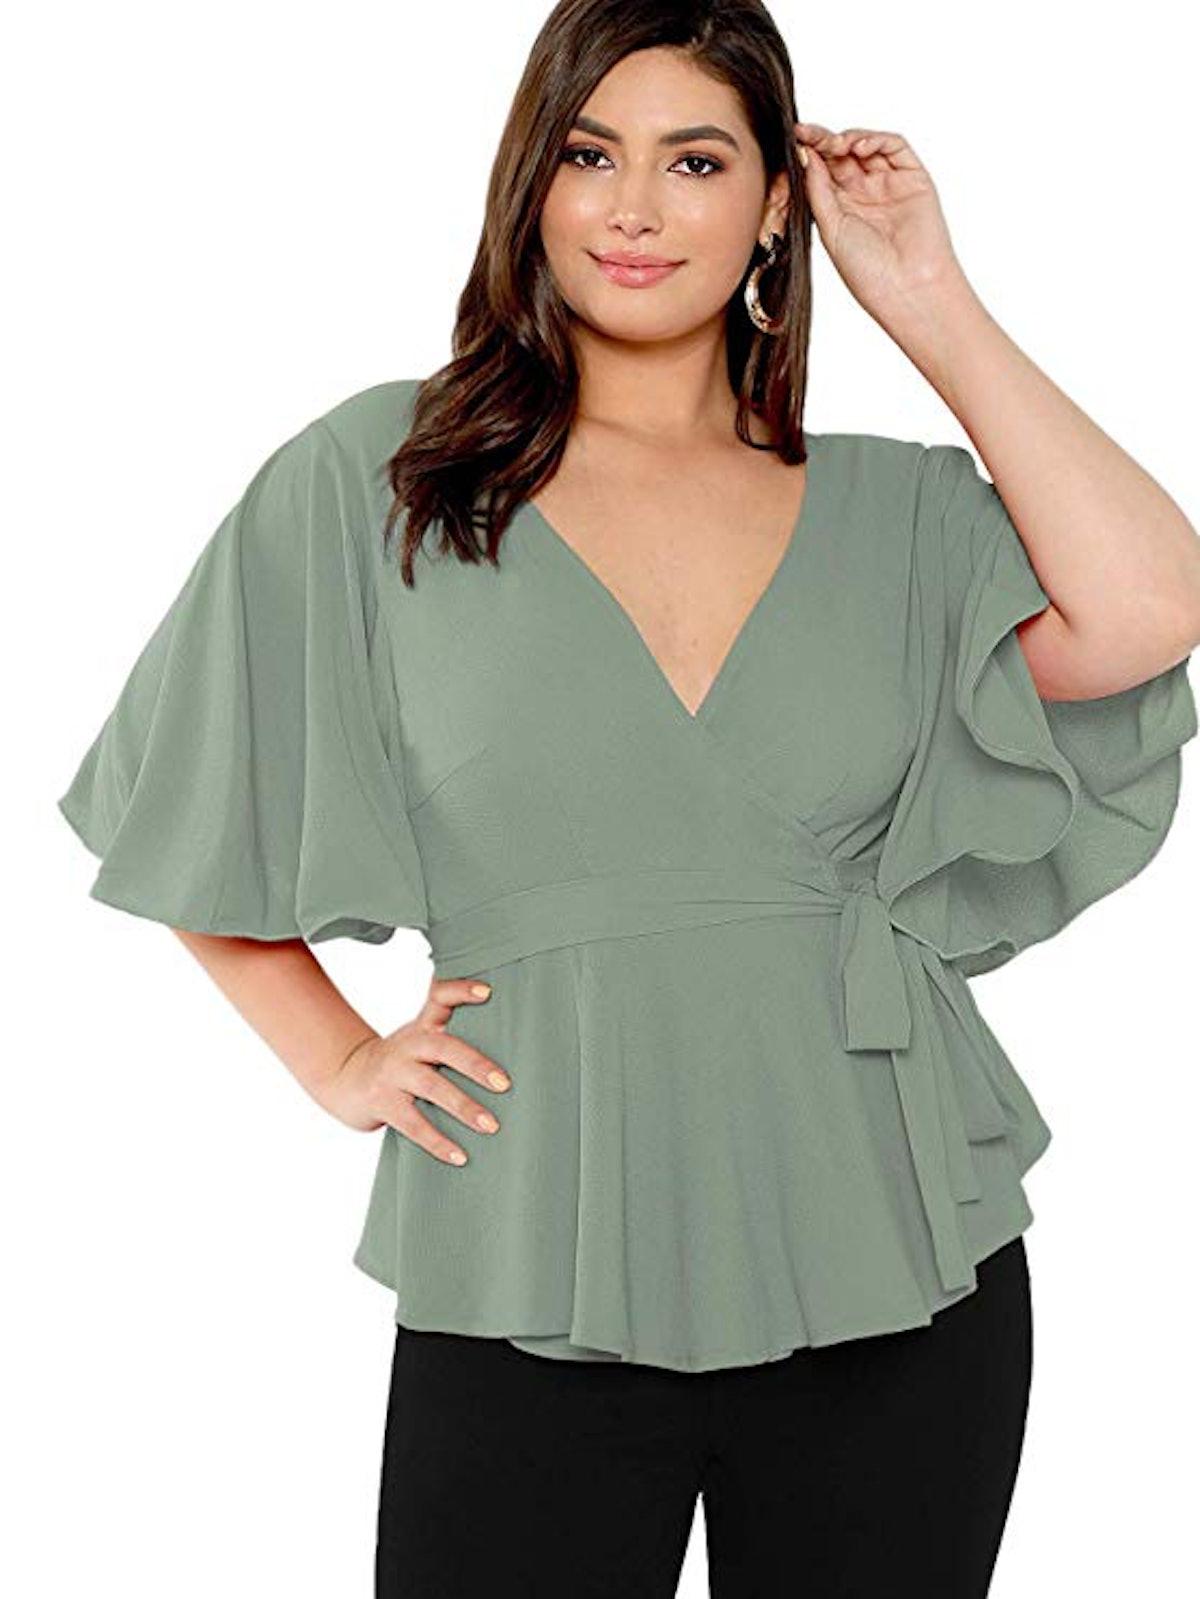 ROMWE Women's Plus Size Short Sleeve Deep V